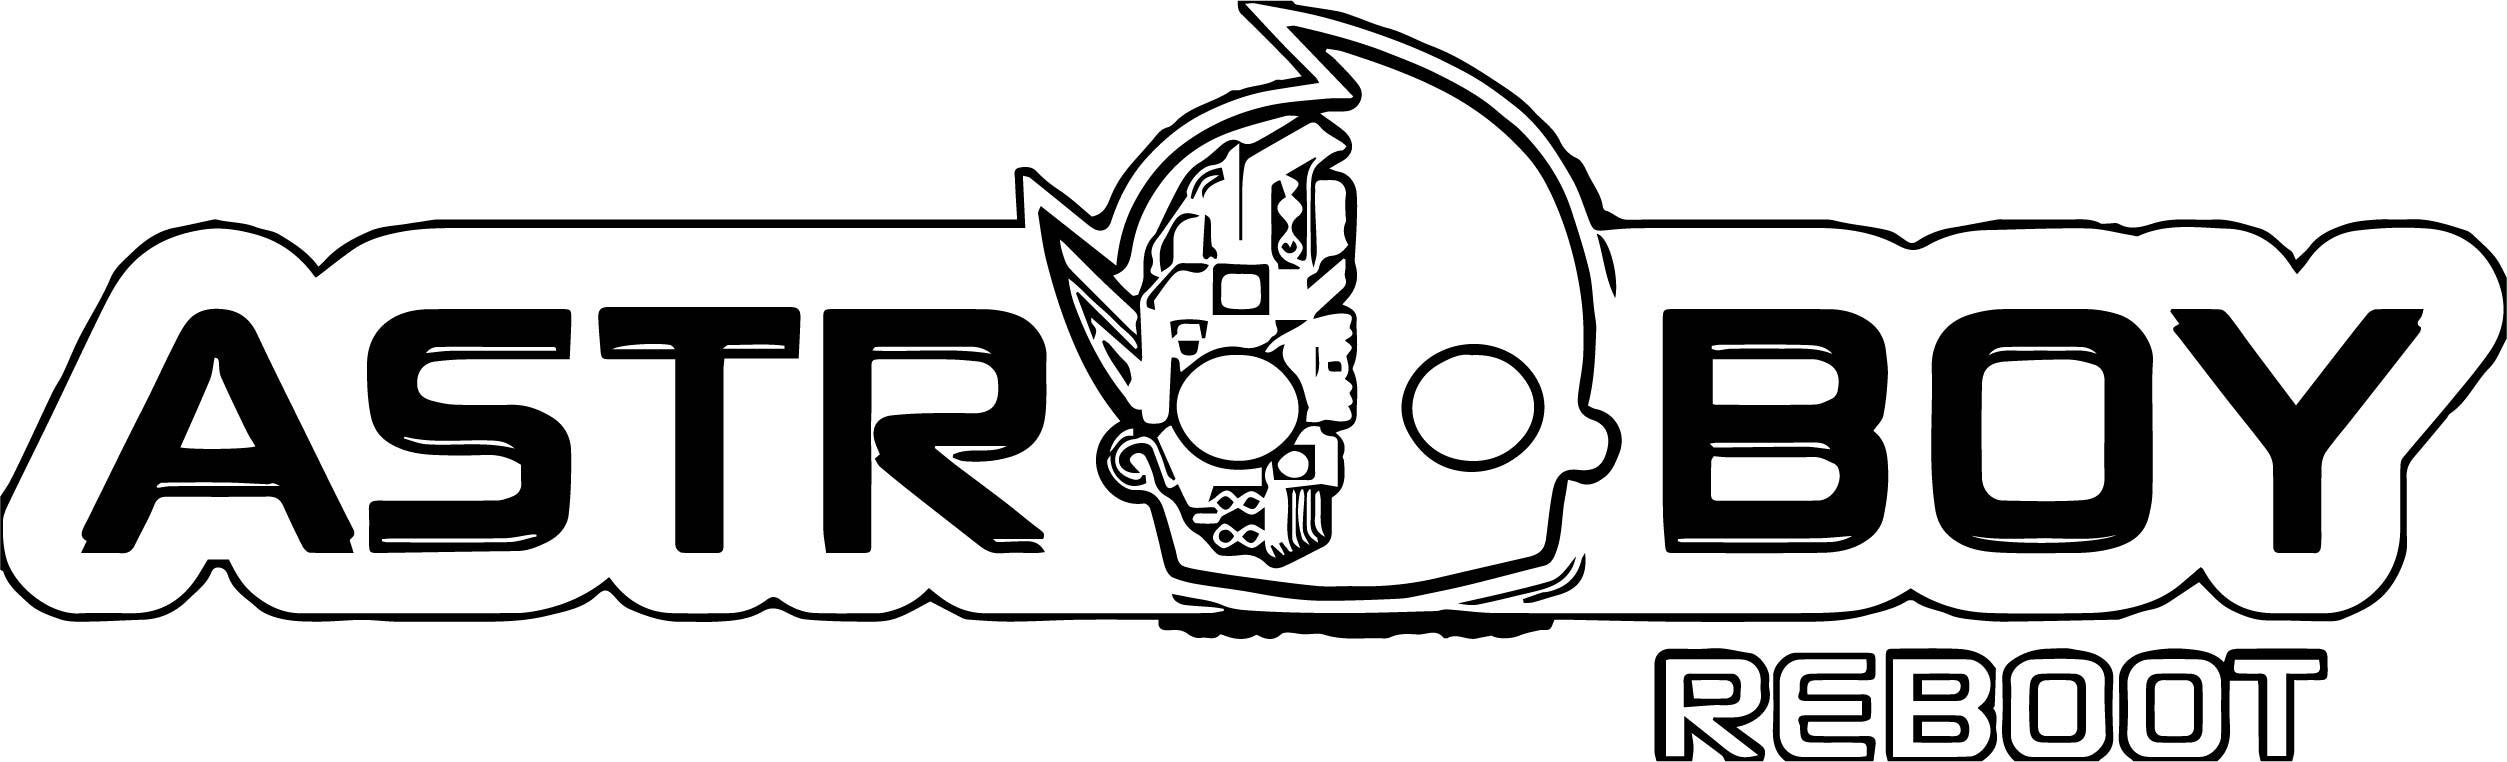 Astro Boy Reboot Logo Coloring Page | Wecoloringpage.com